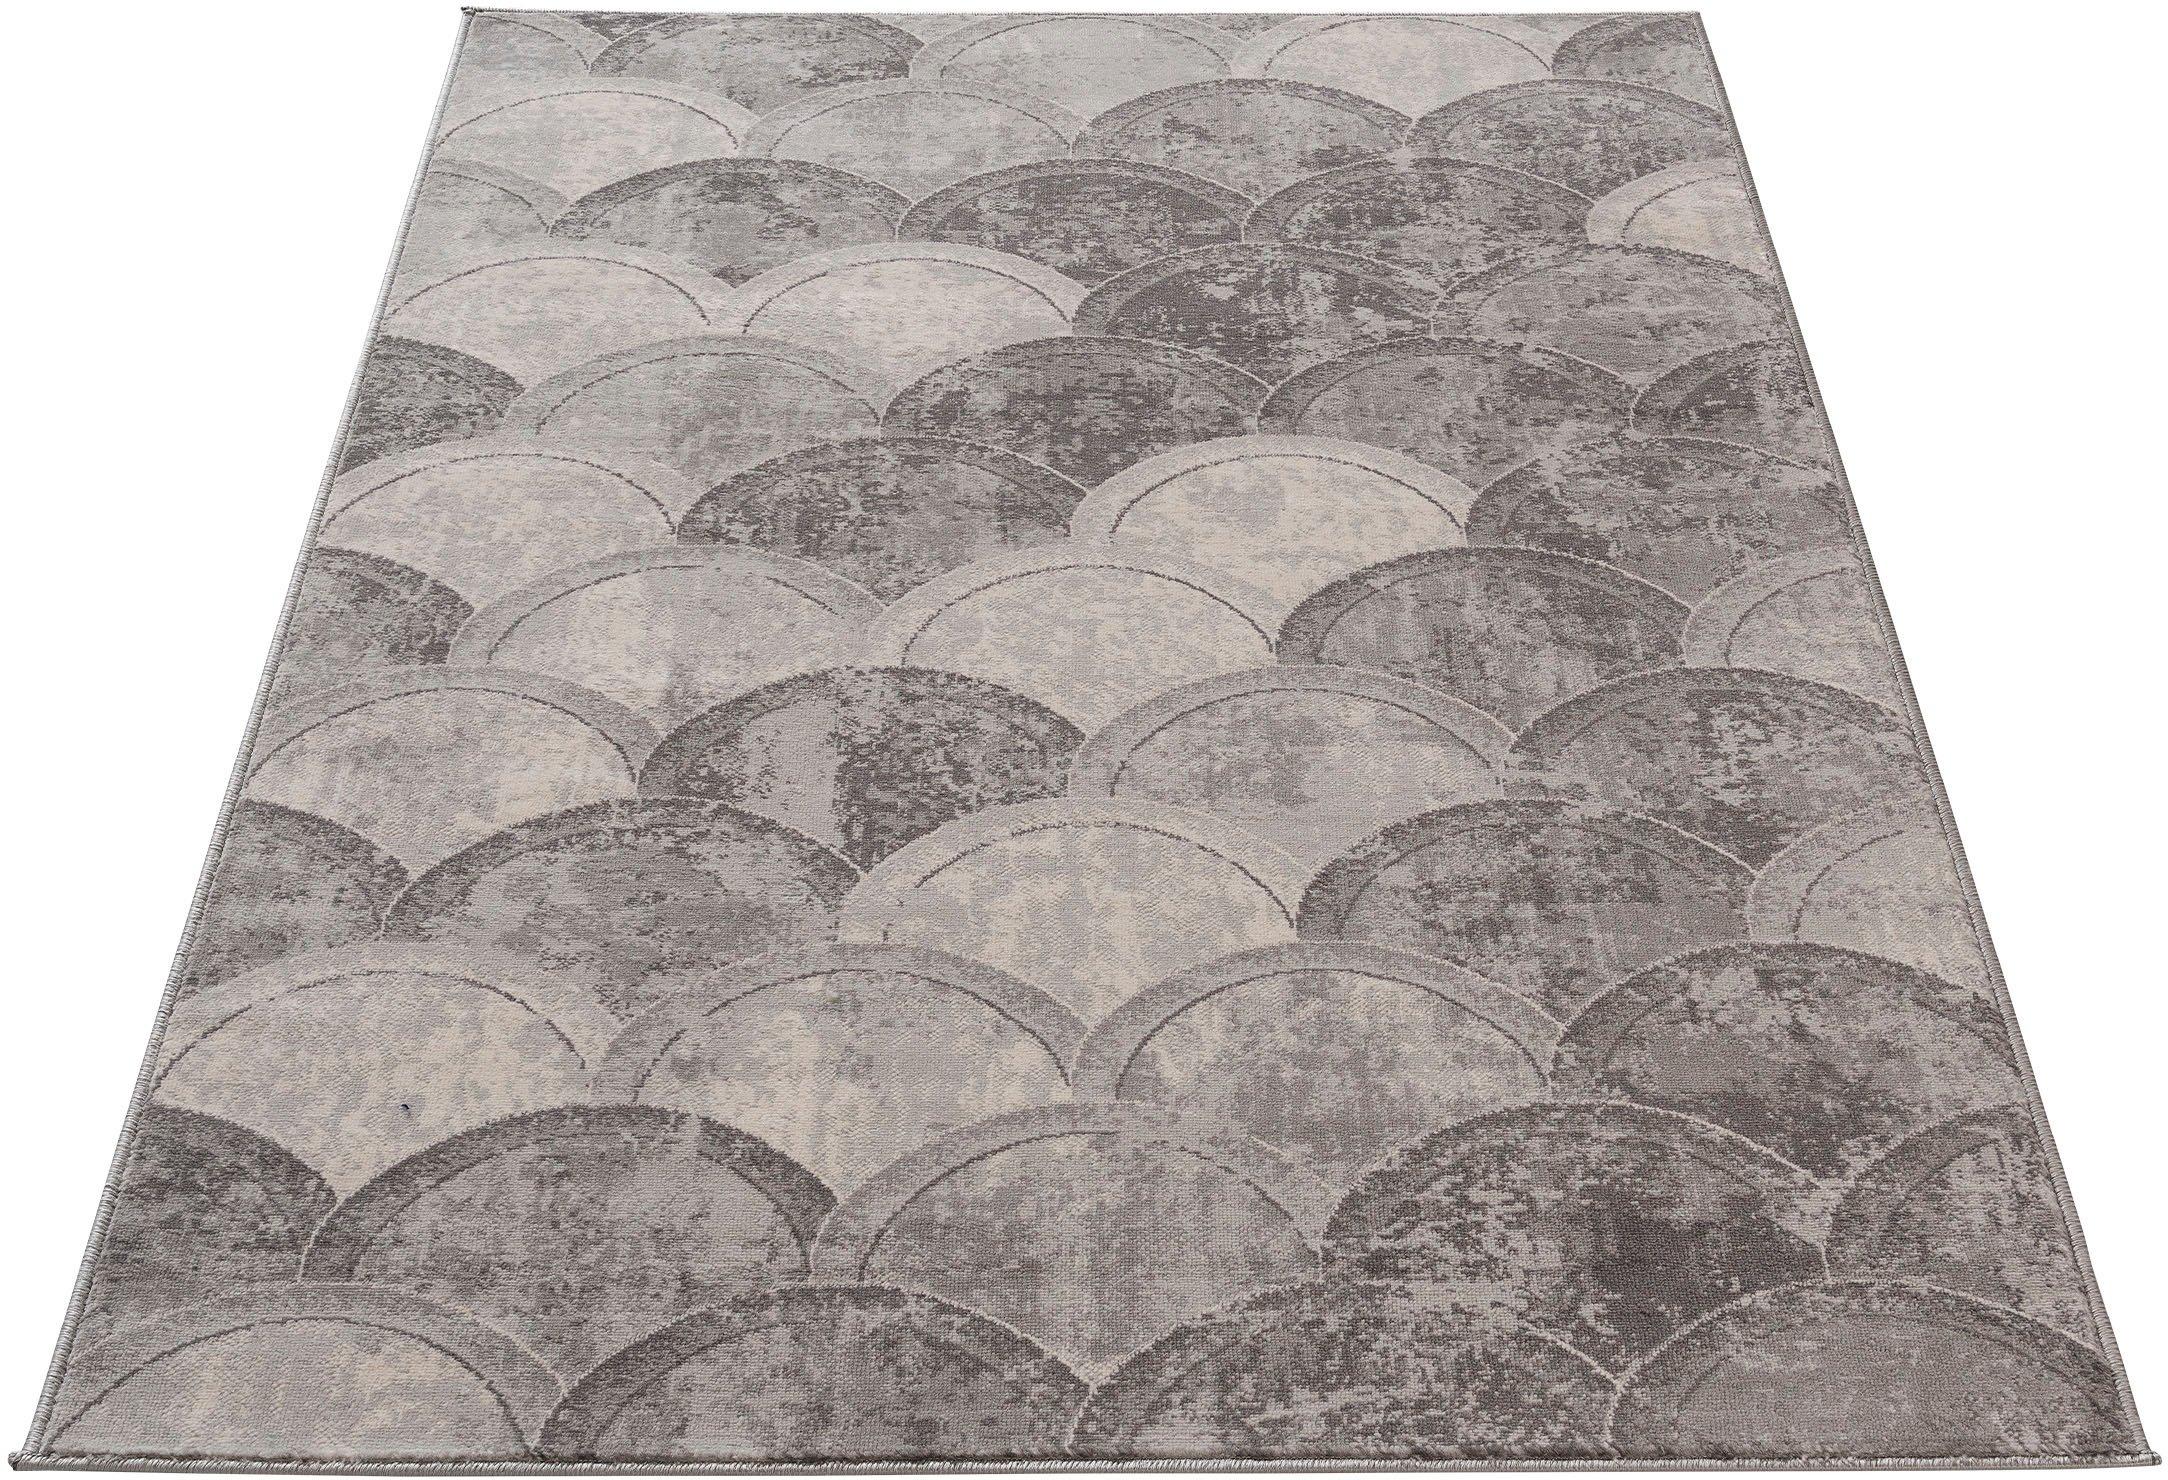 Sehrazat oosters tapijt Montana 3730 Woonkamer - verschillende betaalmethodes